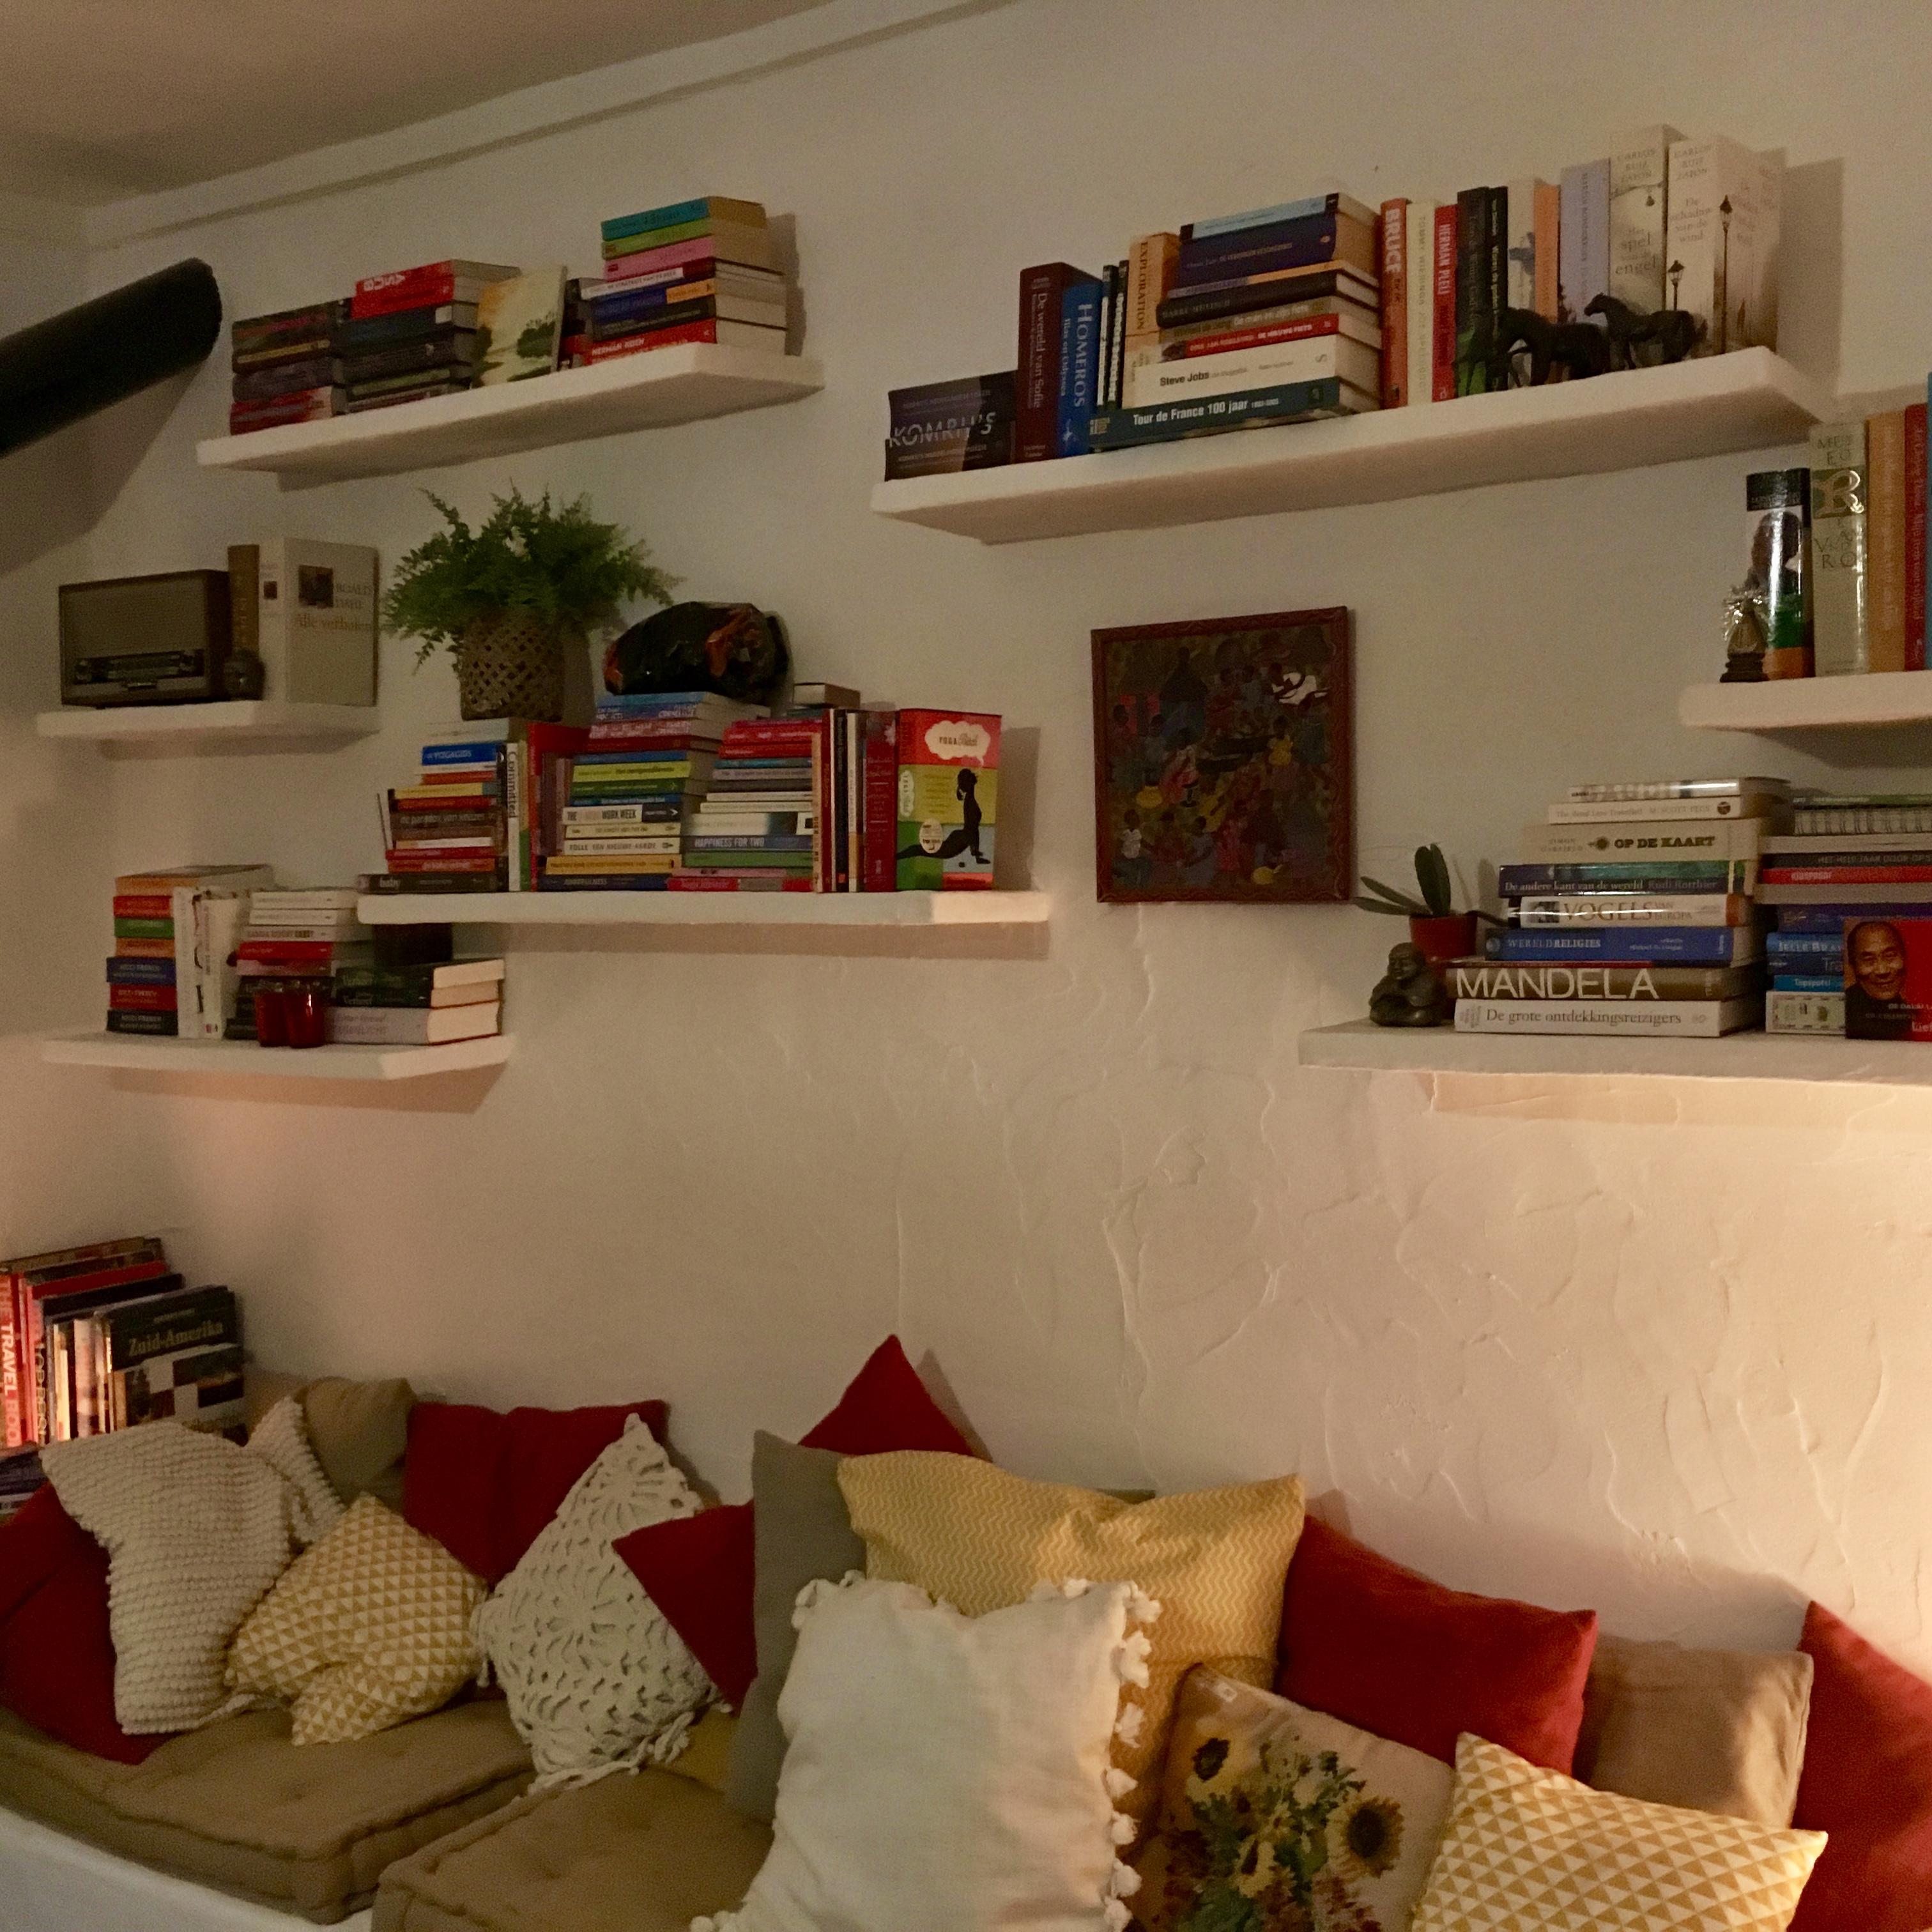 De leeskamer met kachel een platenspeler! En heel veel boeken!